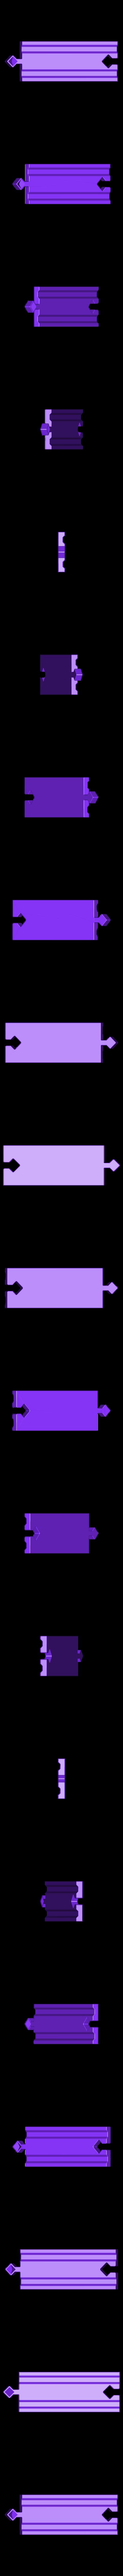 Train Track Straight.stl Télécharger fichier STL gratuit Voie ferrée en ligne droite • Objet pour impression 3D, 3DBuilder